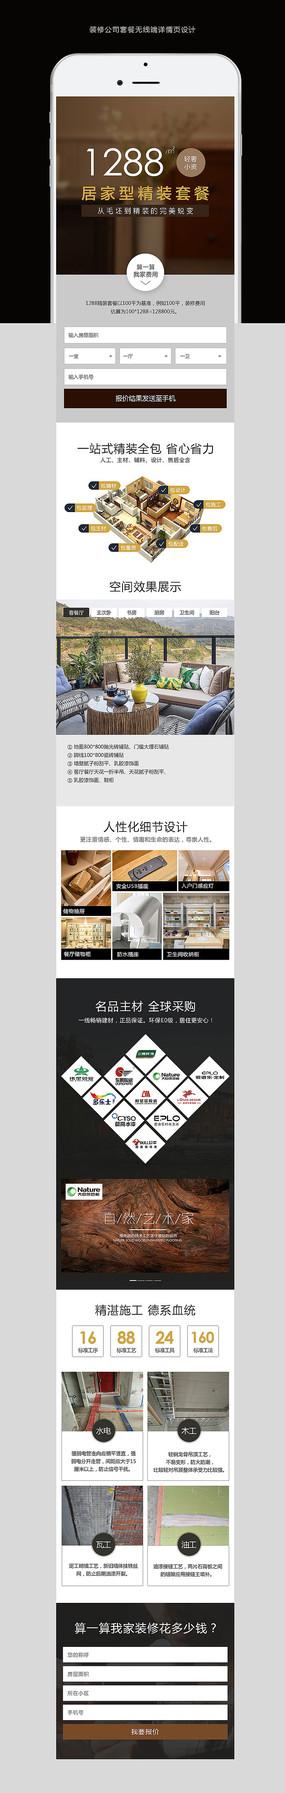 装修公司套餐网页设计手机端